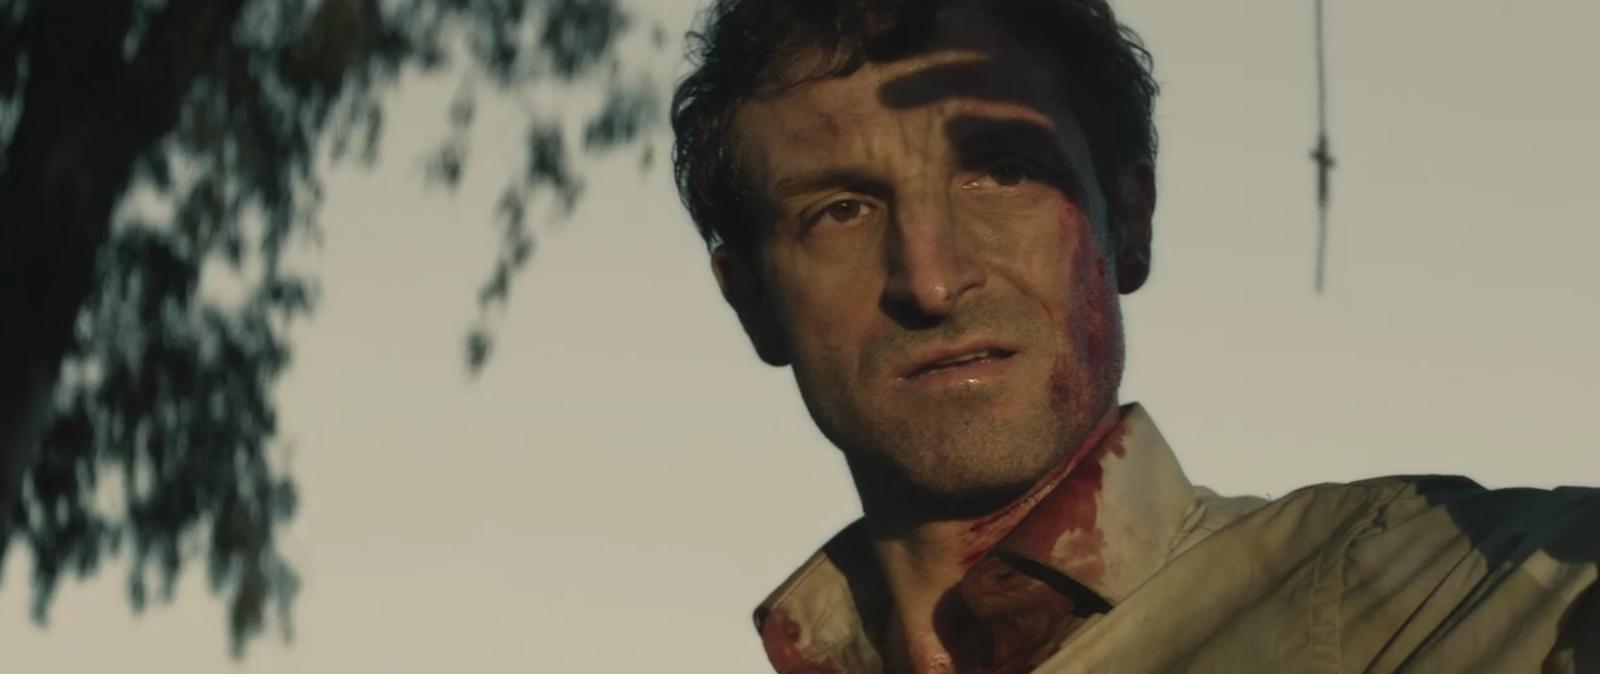 Hombre con sangre en la camisa y la cara